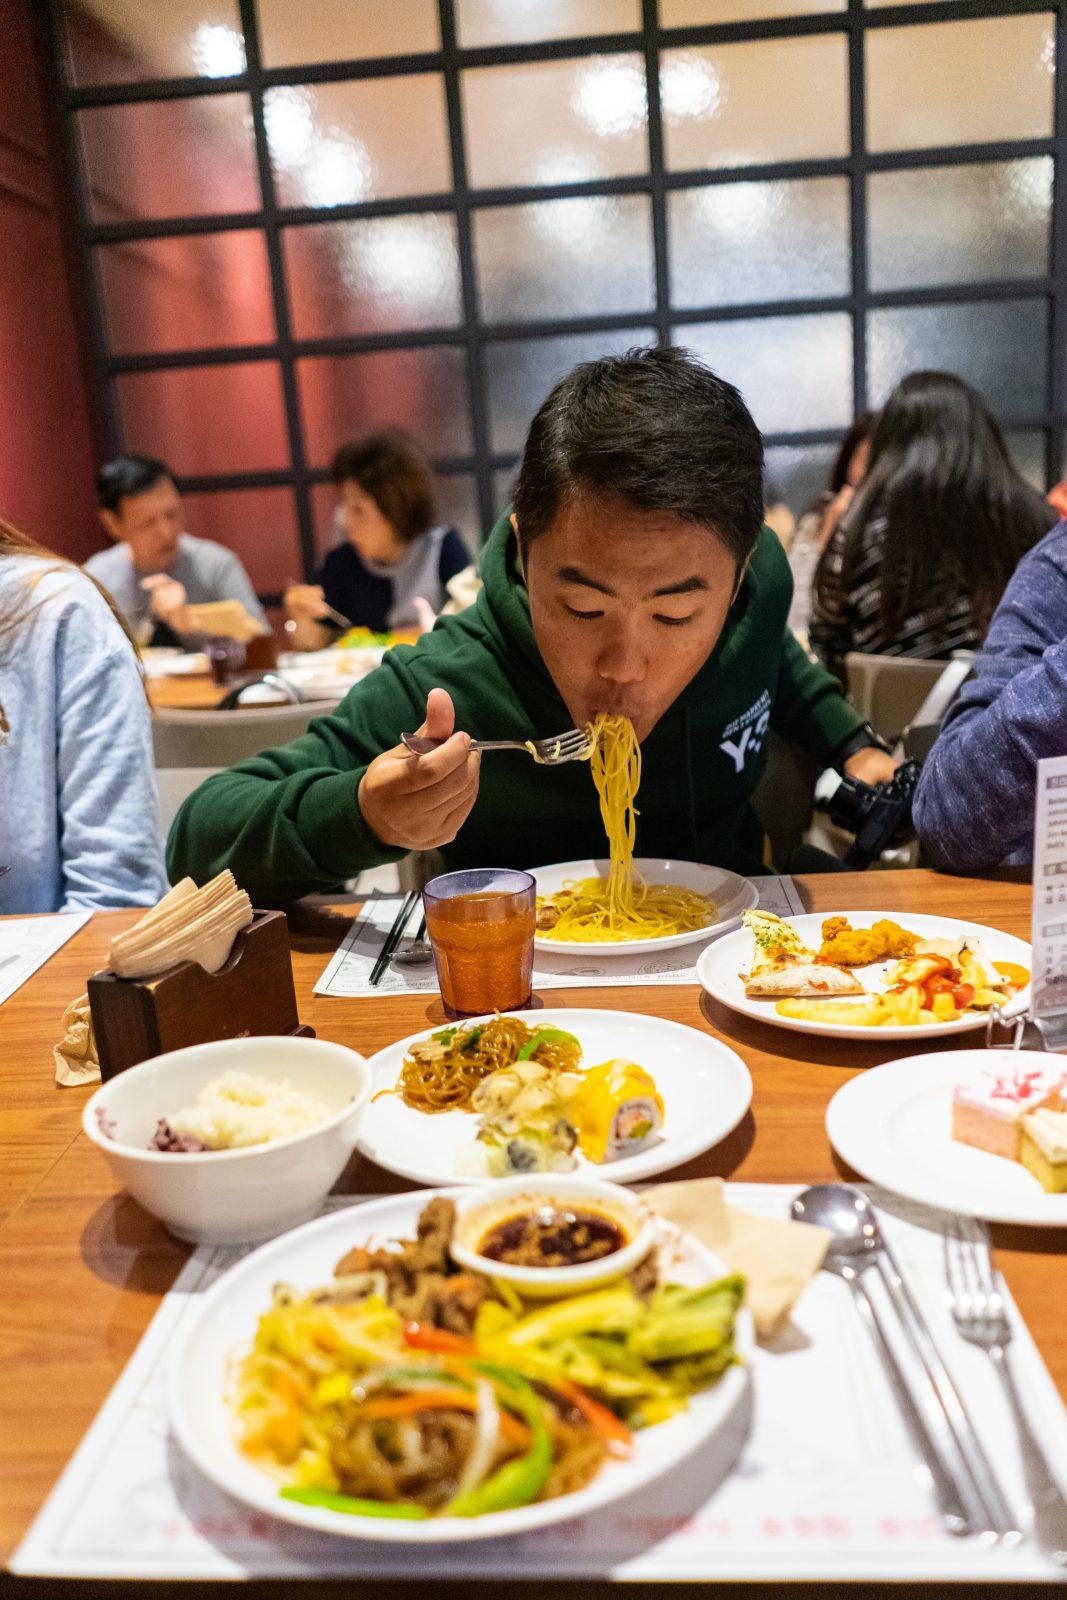 Kisah Akhir Perjalanan Tim Makanmana di Korea Selatan (Part III) 1